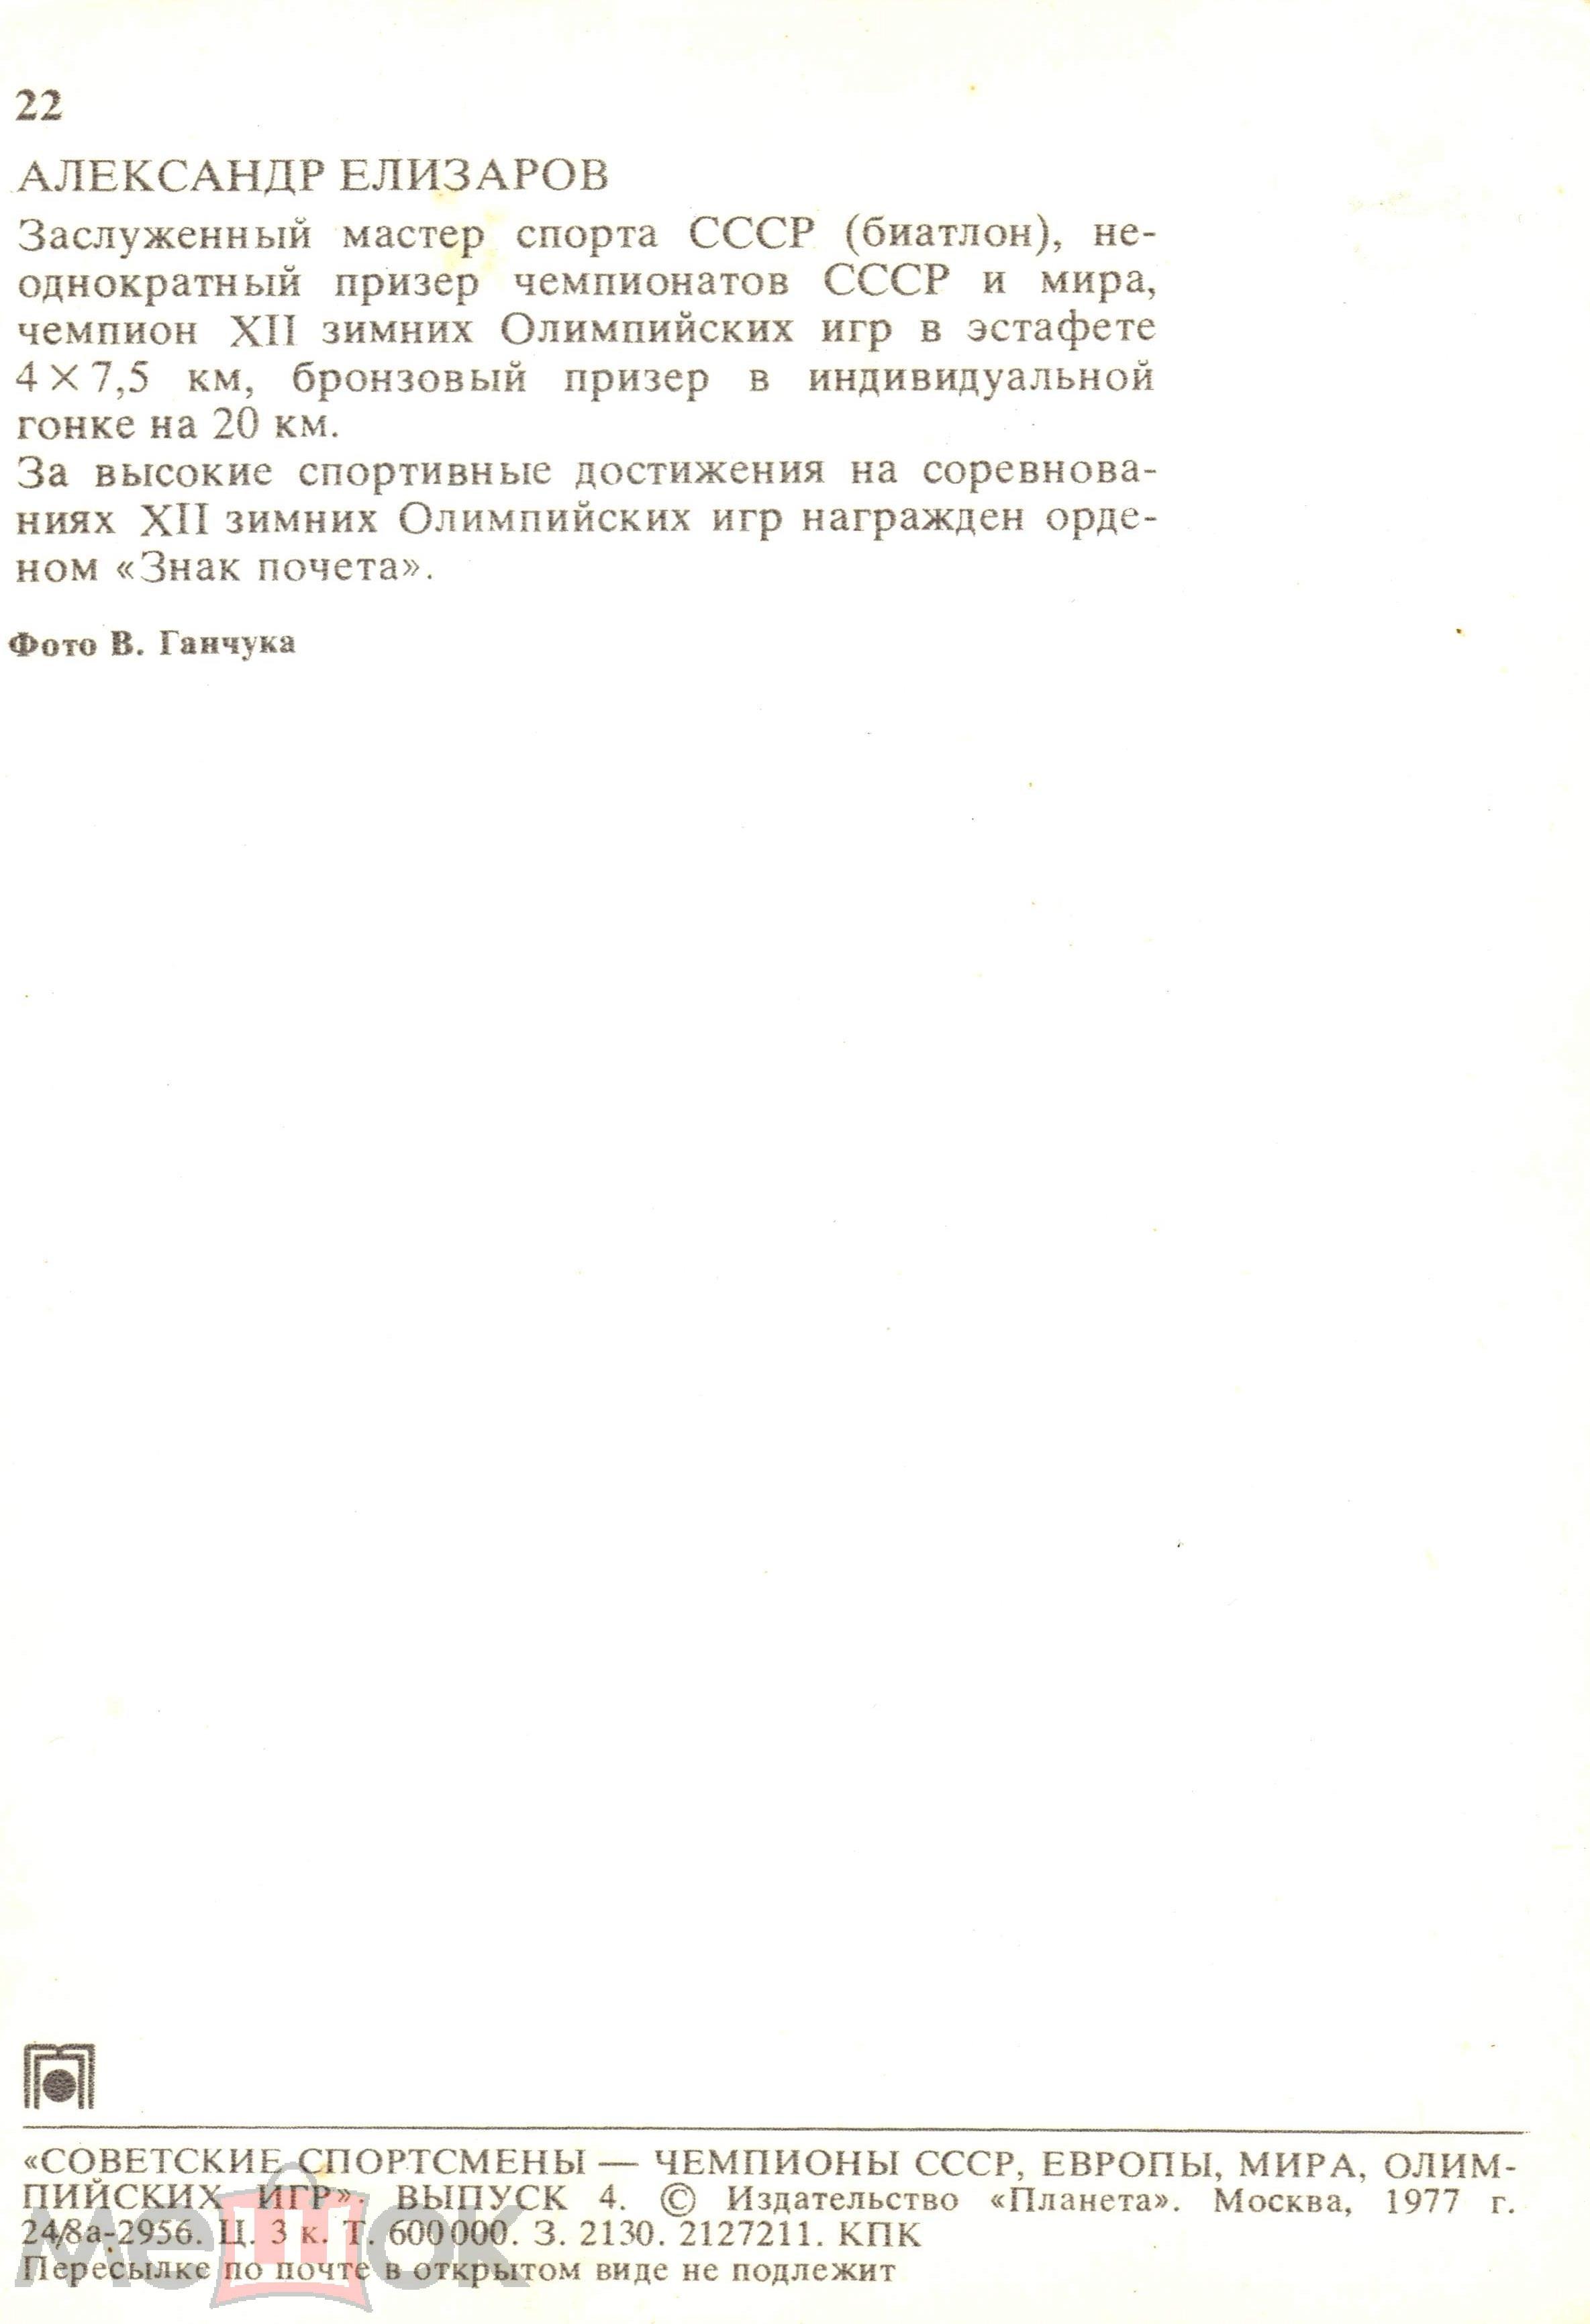 СССР Александр Елизаров - чемпион XII зимних Олимпийских игр, биатлон.  Открытка 1977 года